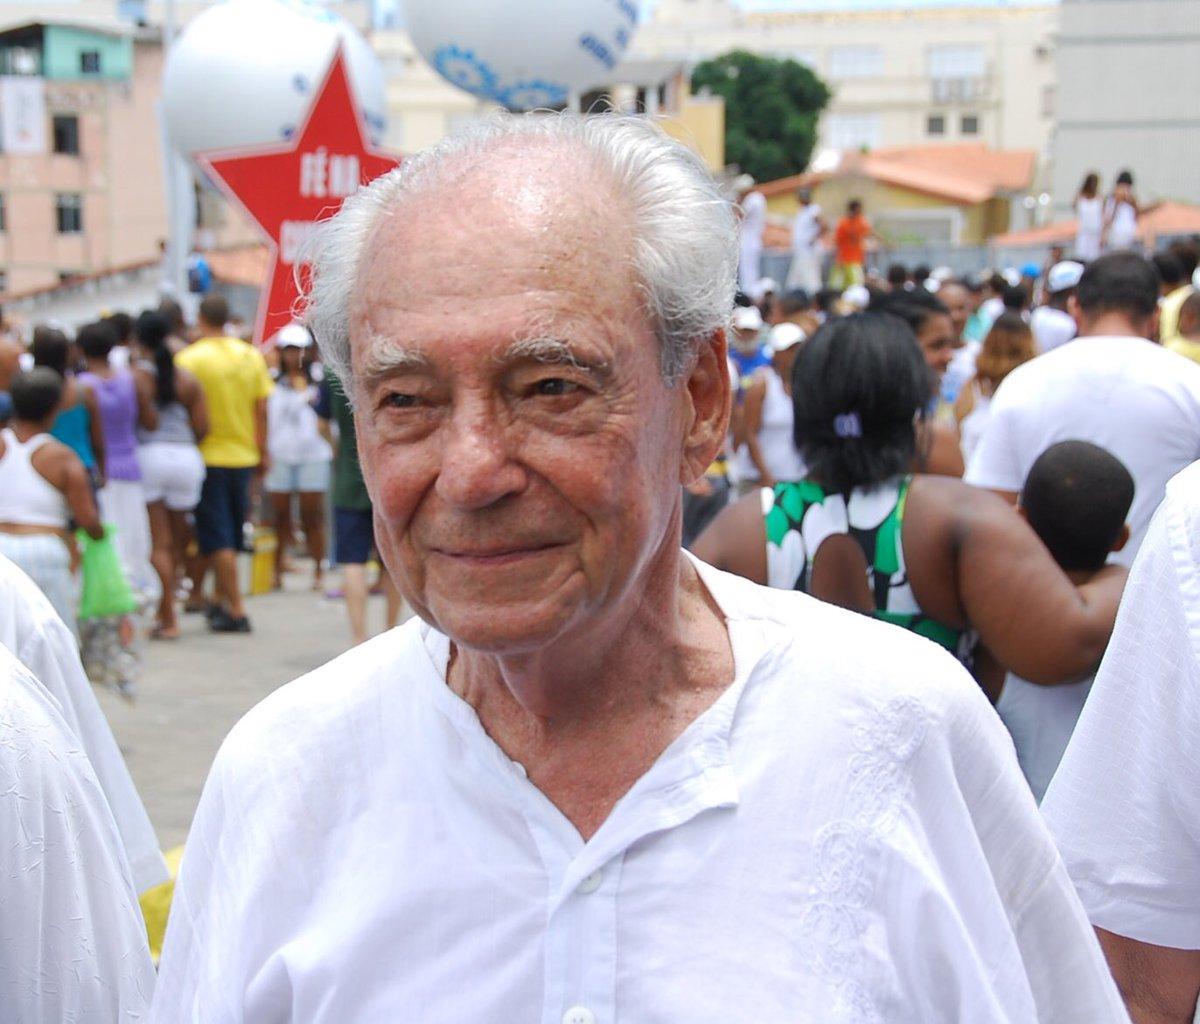 É com muita tristeza que recebo a notícia da morte de Waldir Pires, ex-ministro e ex-governador da Bahia. O Brasil perde um de seus mais valorosos e combativos filhos, um homem comprometido com a democracia e o povo brasileiro. #VivaWaldirPires